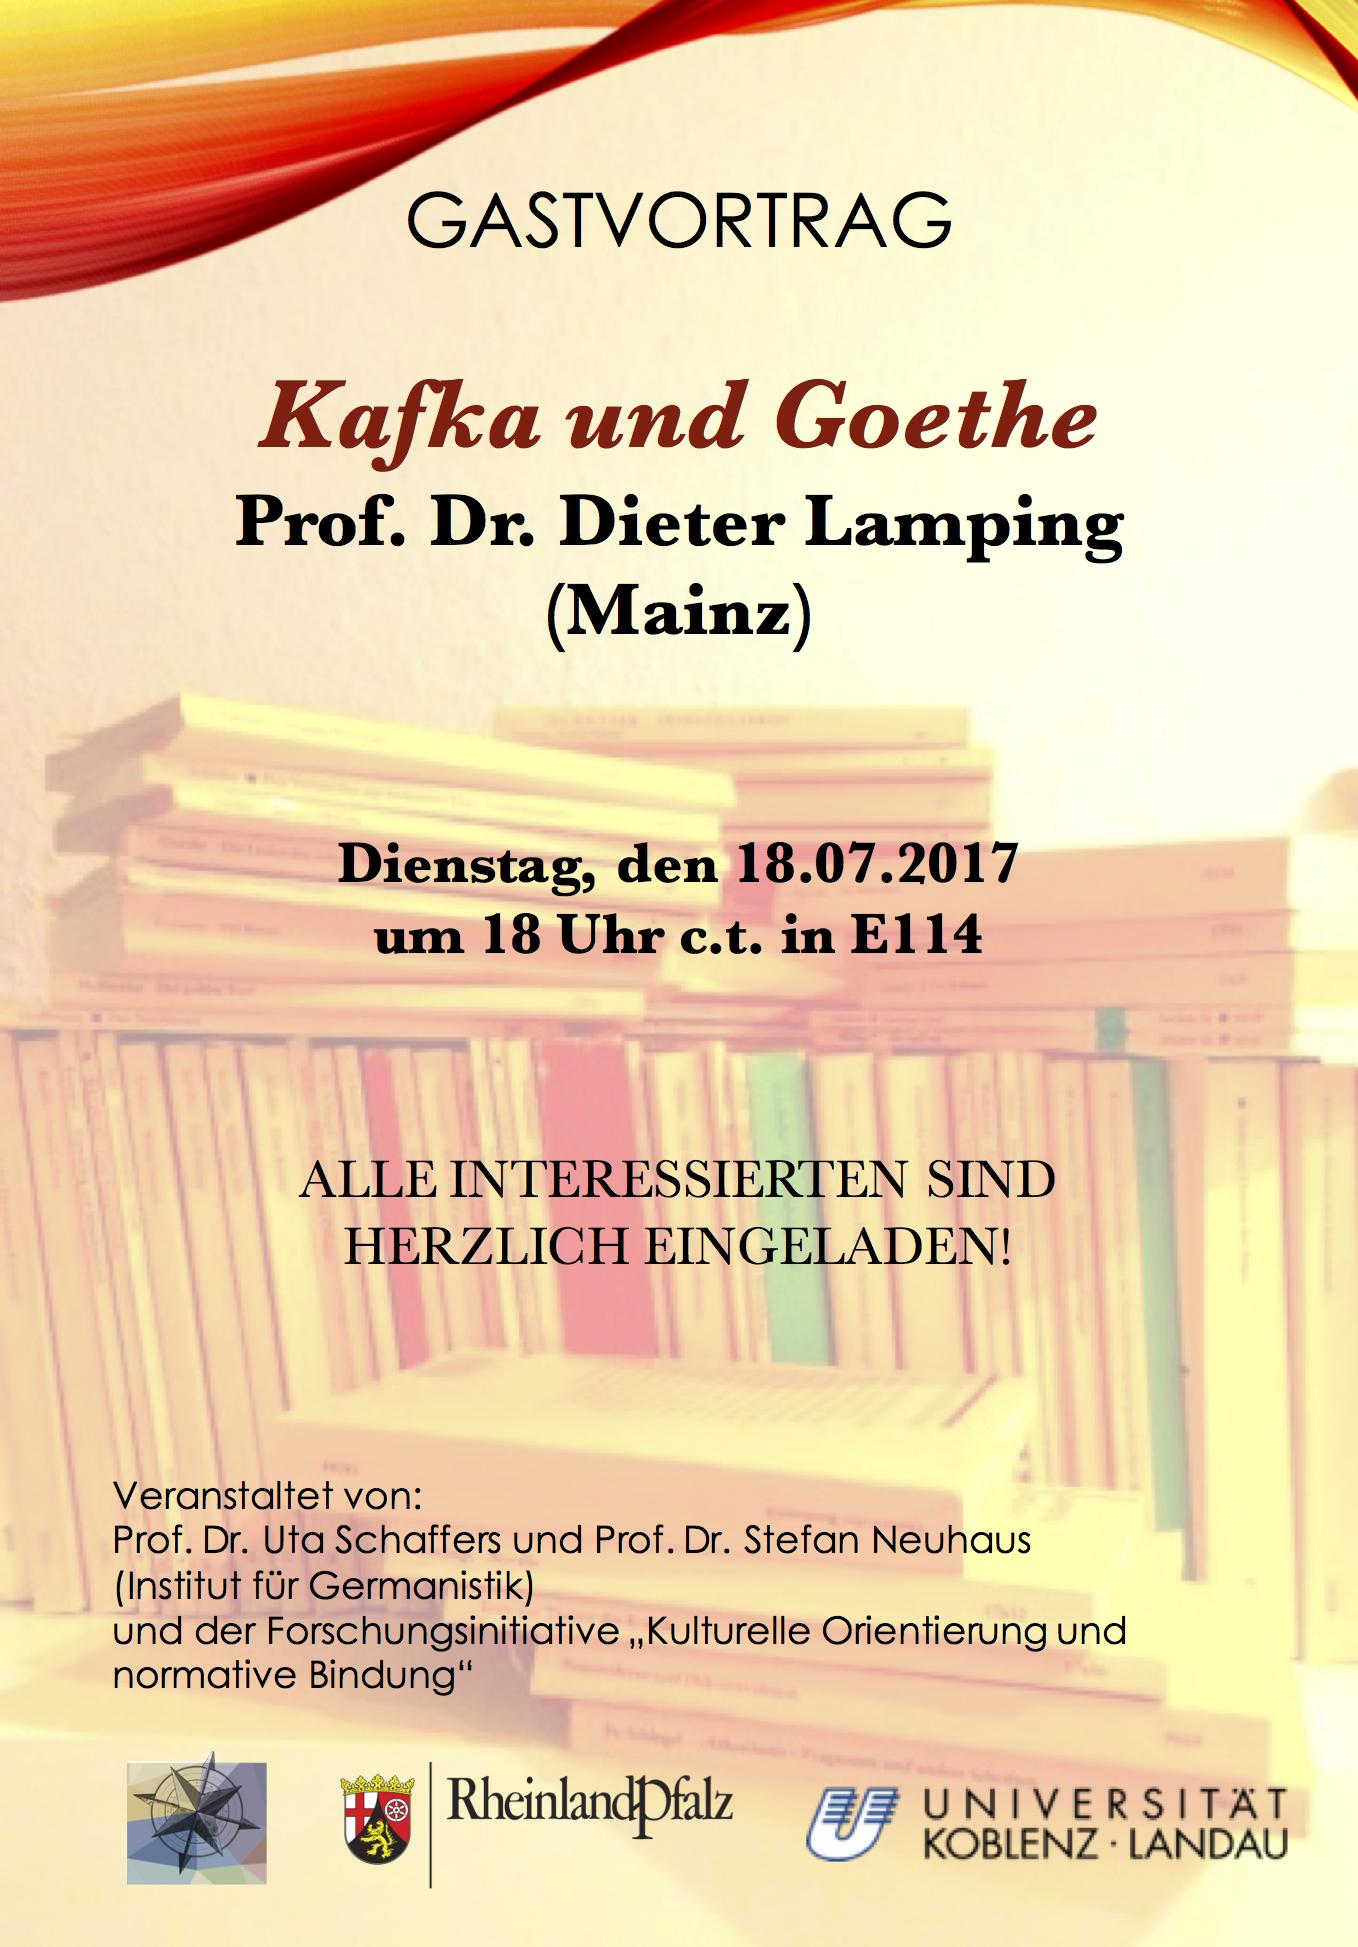 Gastvorträge Koblenz Germanistik 2 Kafka Goethe